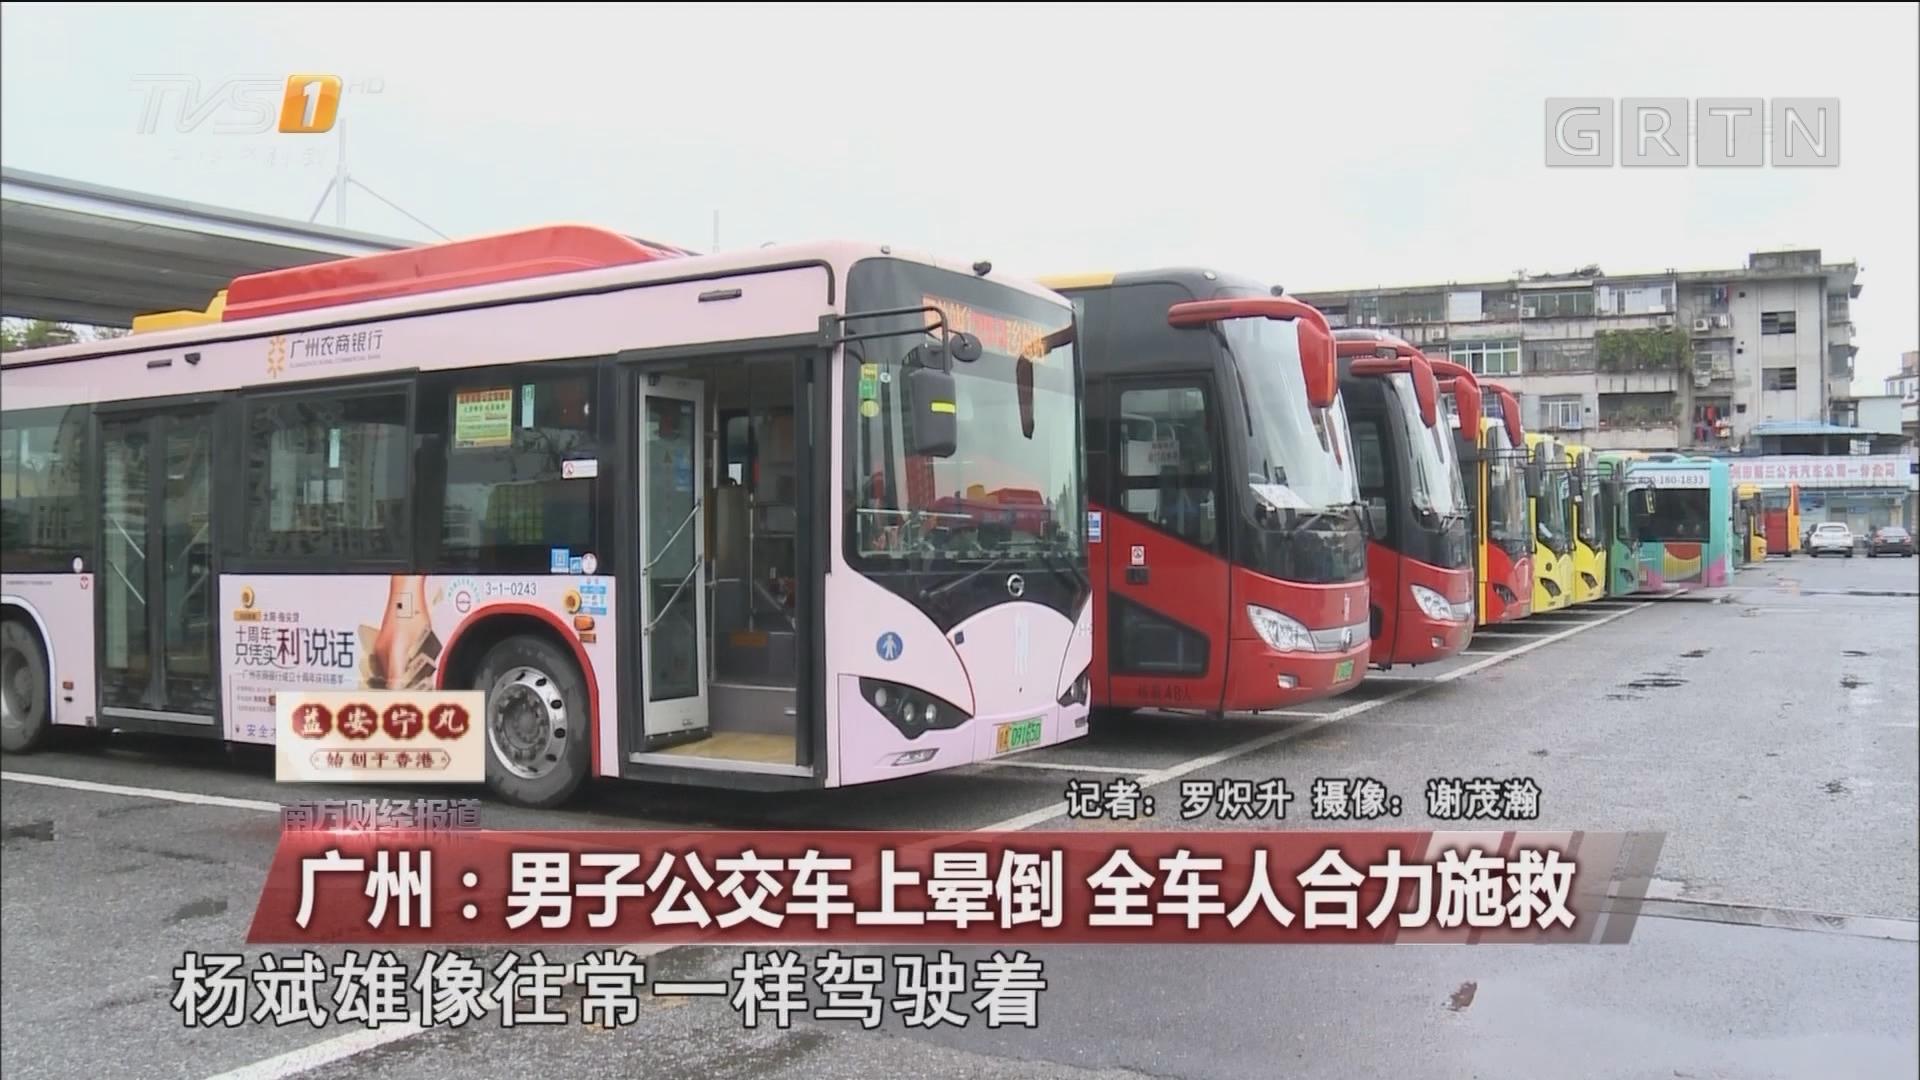 广州:男子公交车上晕倒 全车人合力施救